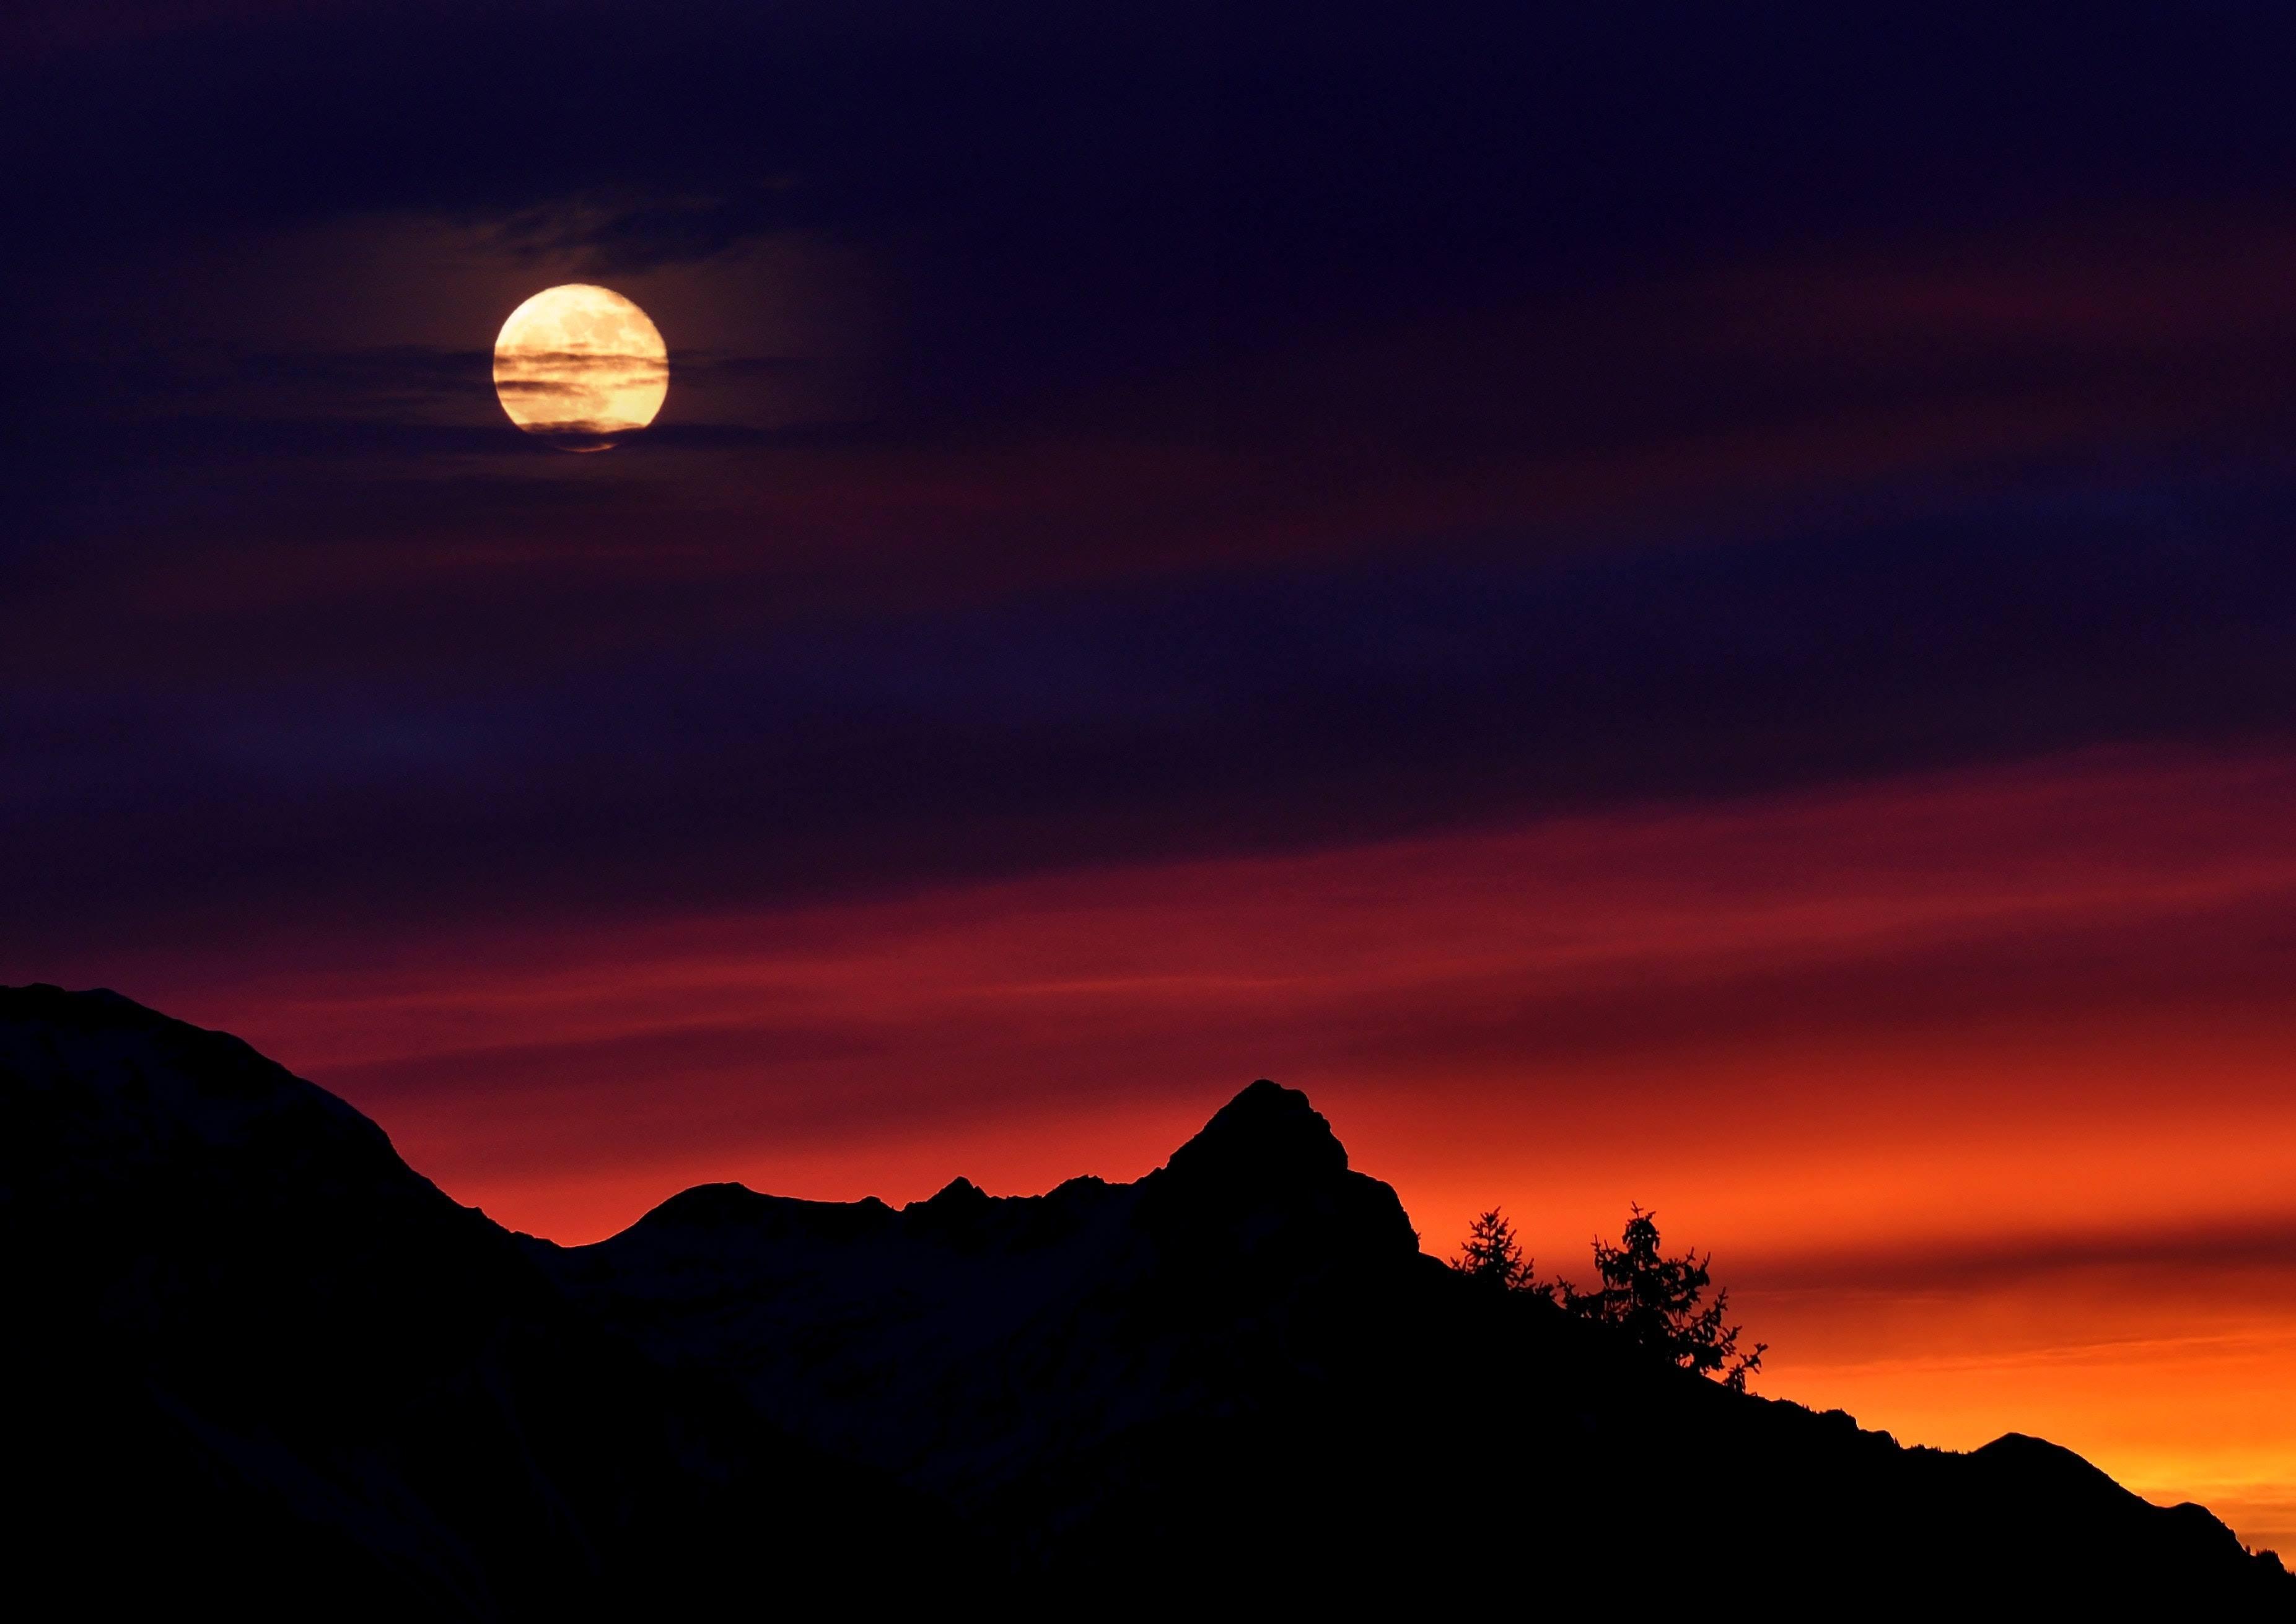 Imagens De Uma Noite Abençoada: Mensagens De Boa Noite Abençoada